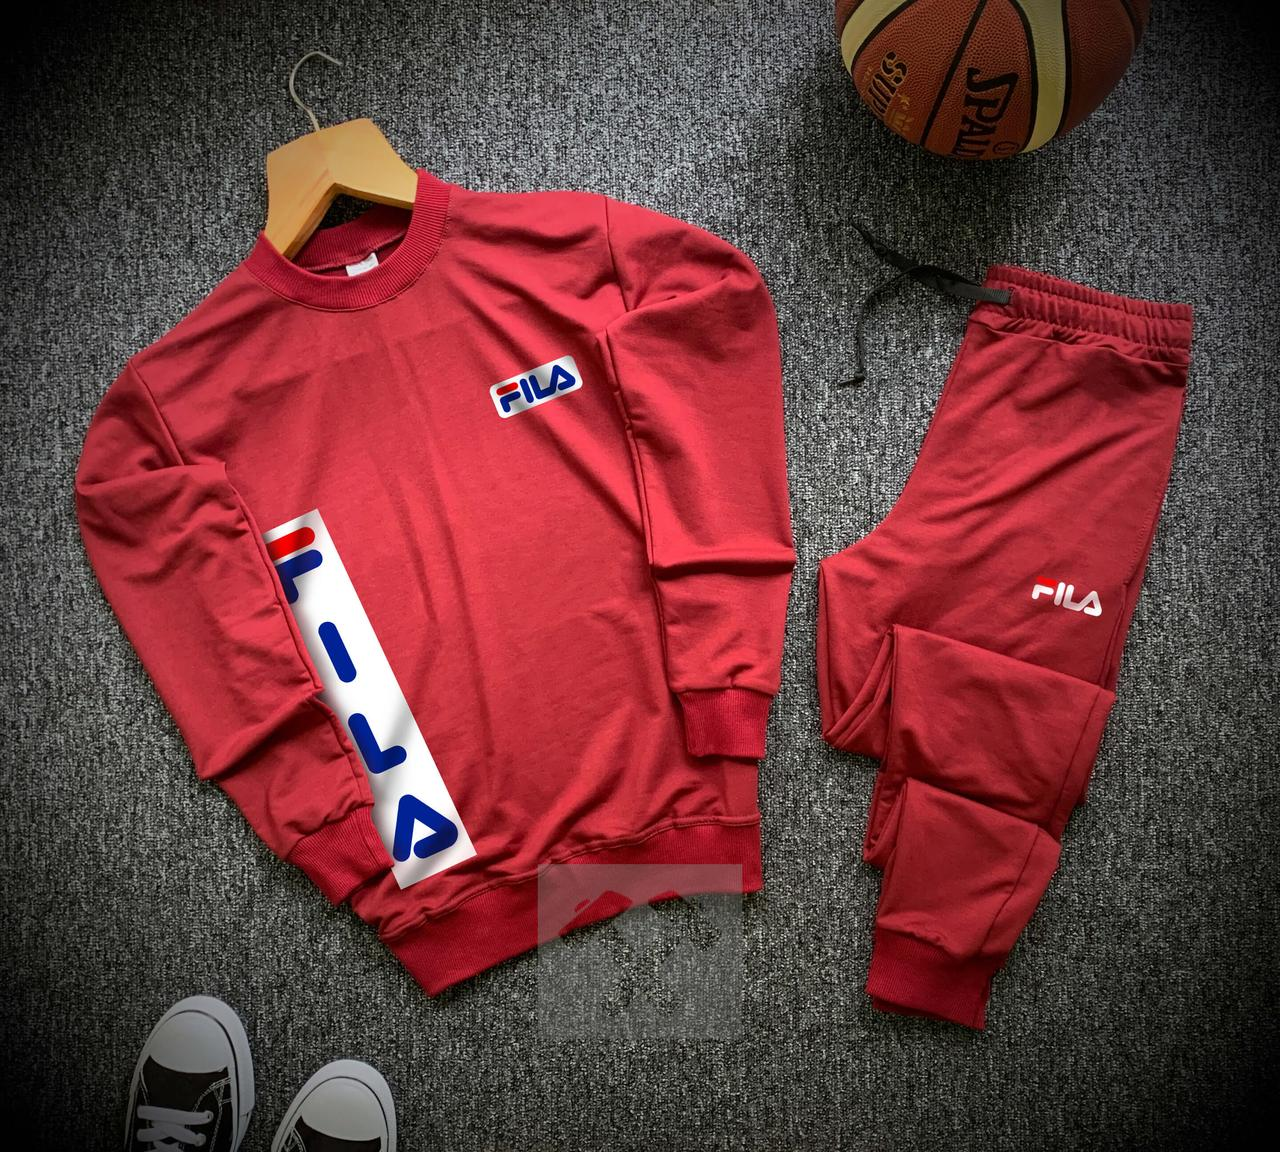 Мужской спортивный костюм Fila красного цвета